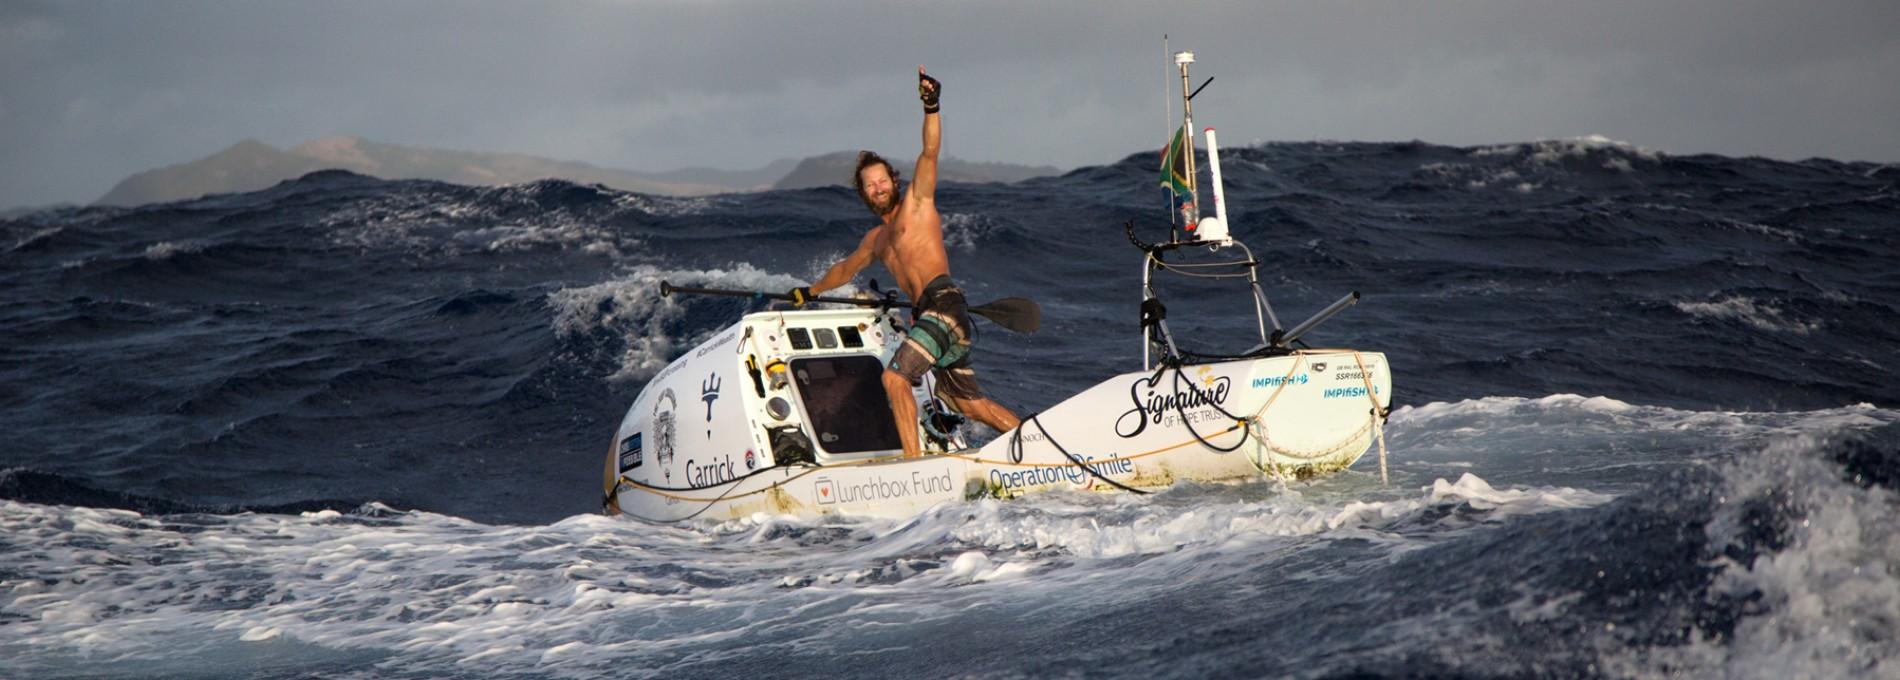 Pelo oceano atlântico de SUP